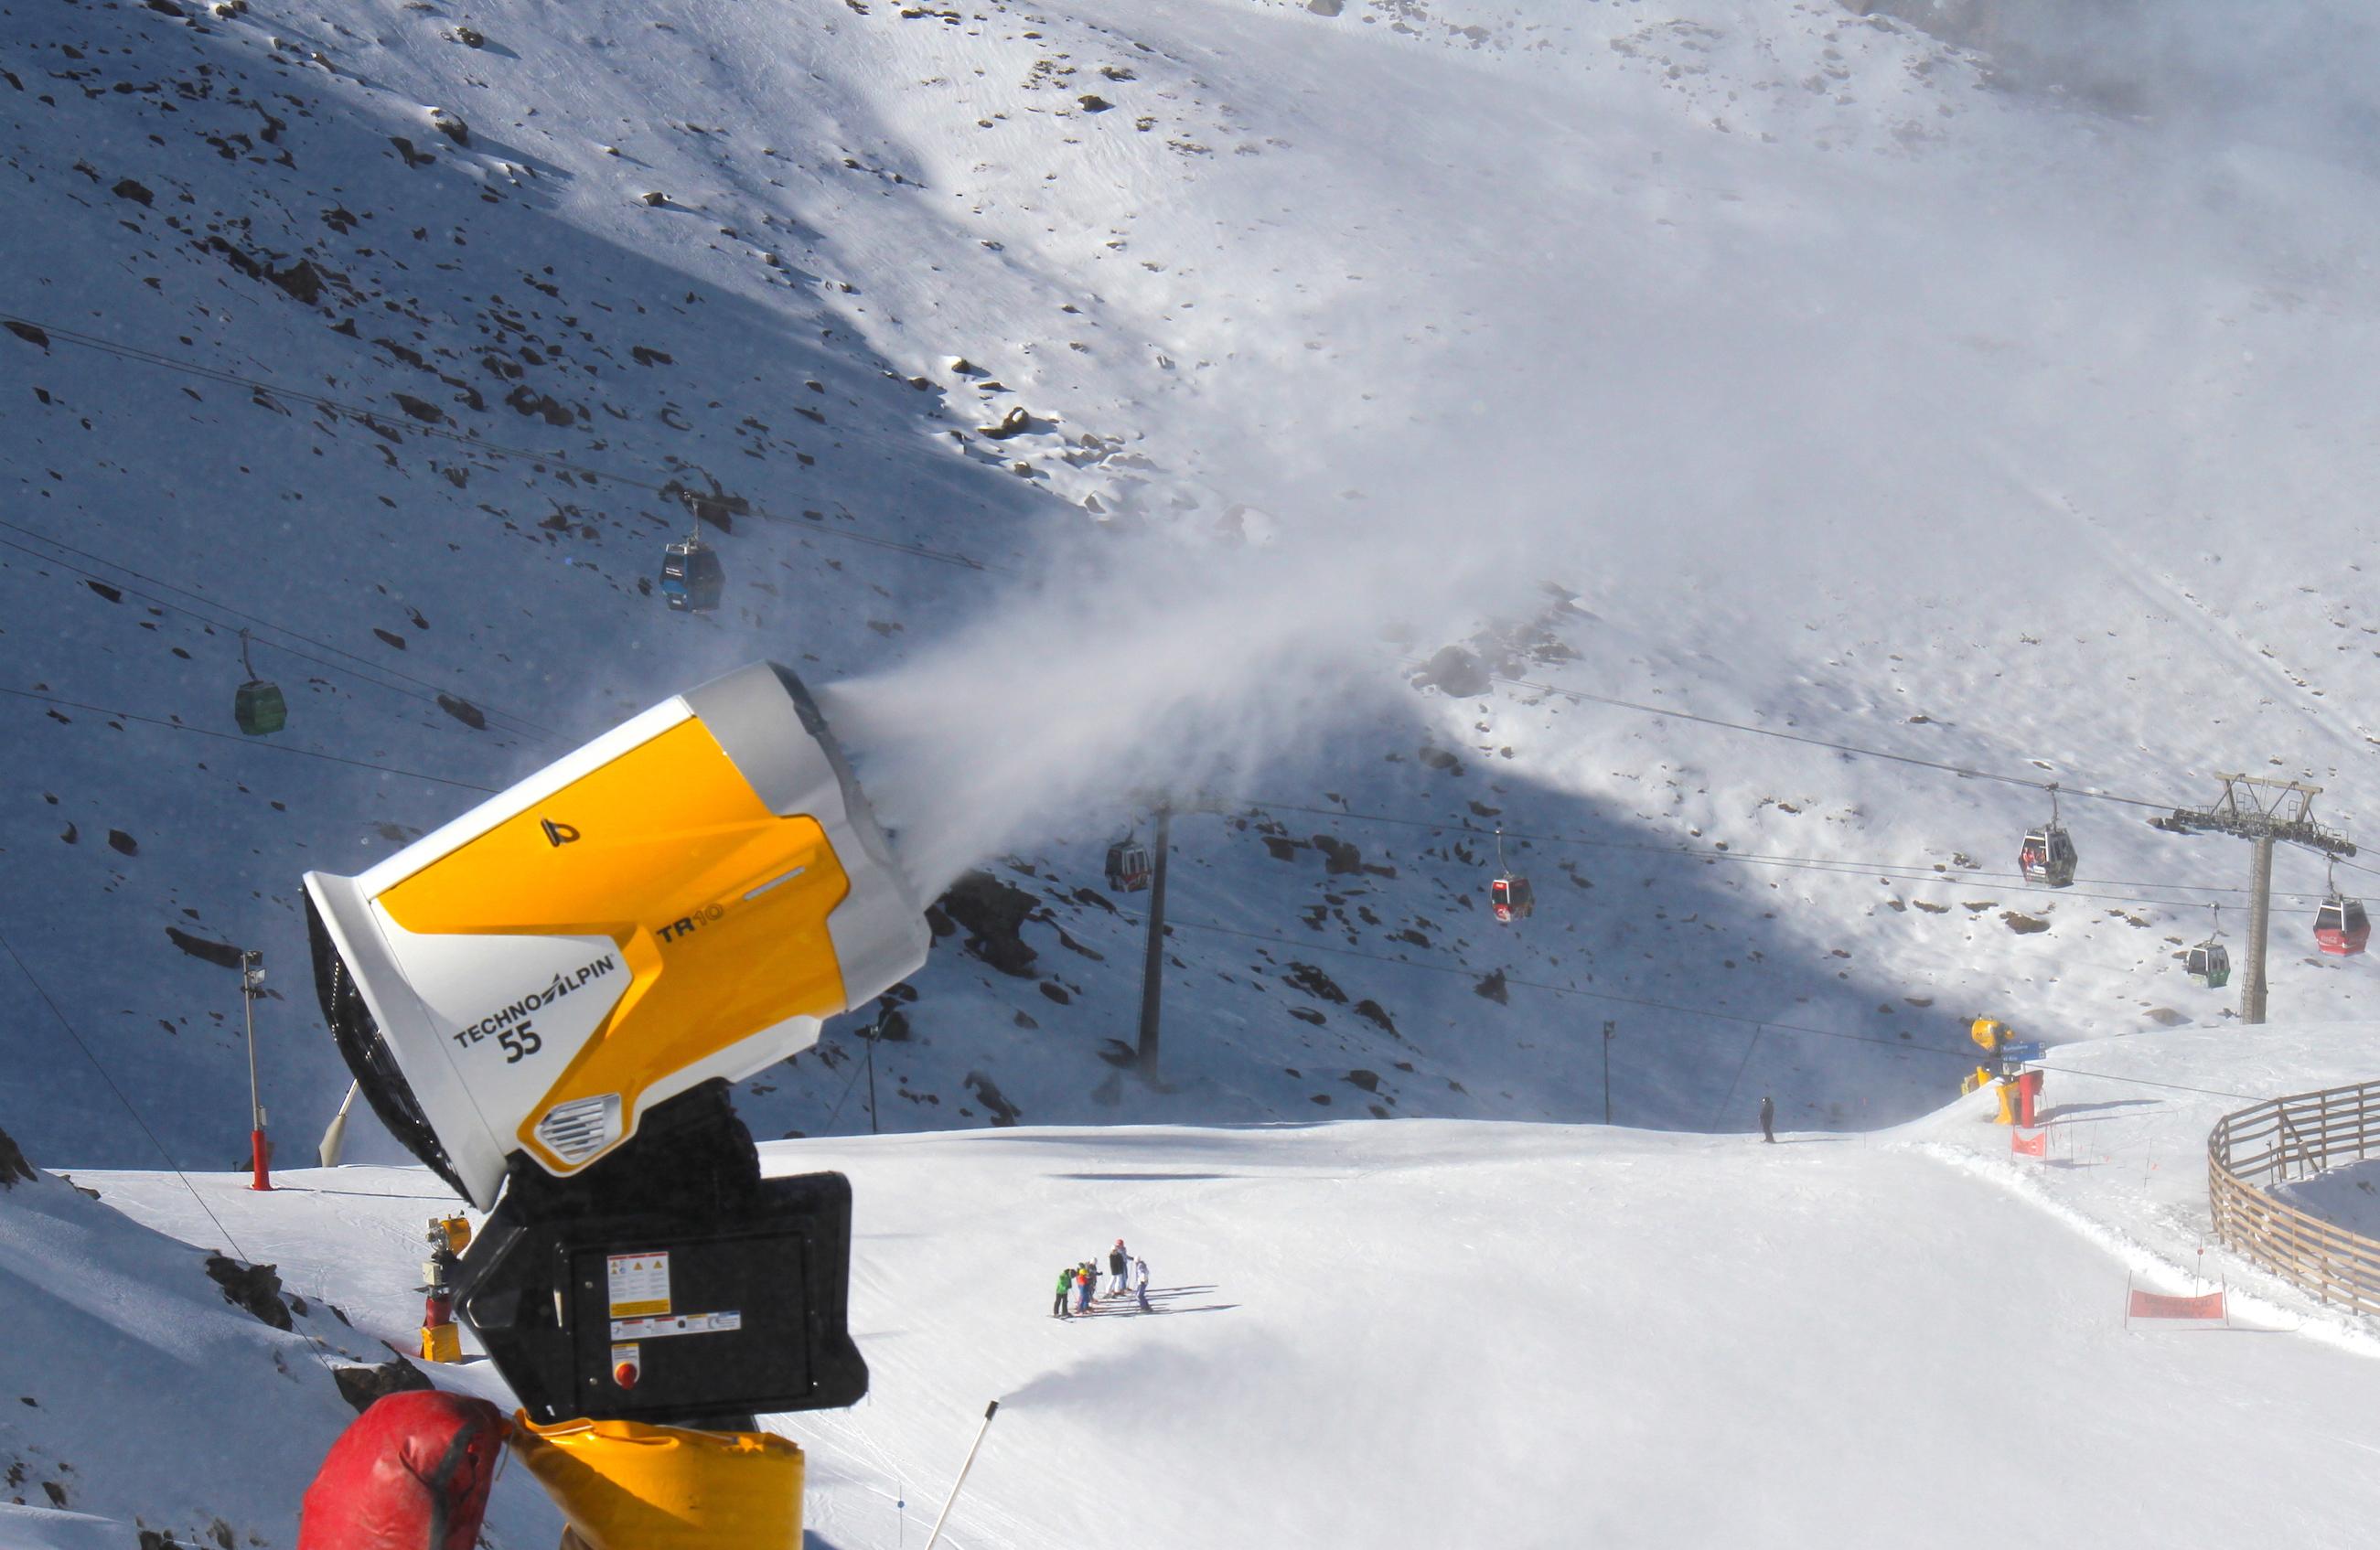 Empresarios de Sierra Nevada consideran «imposible» que la estación abra solo para granadinos y piden ayudas